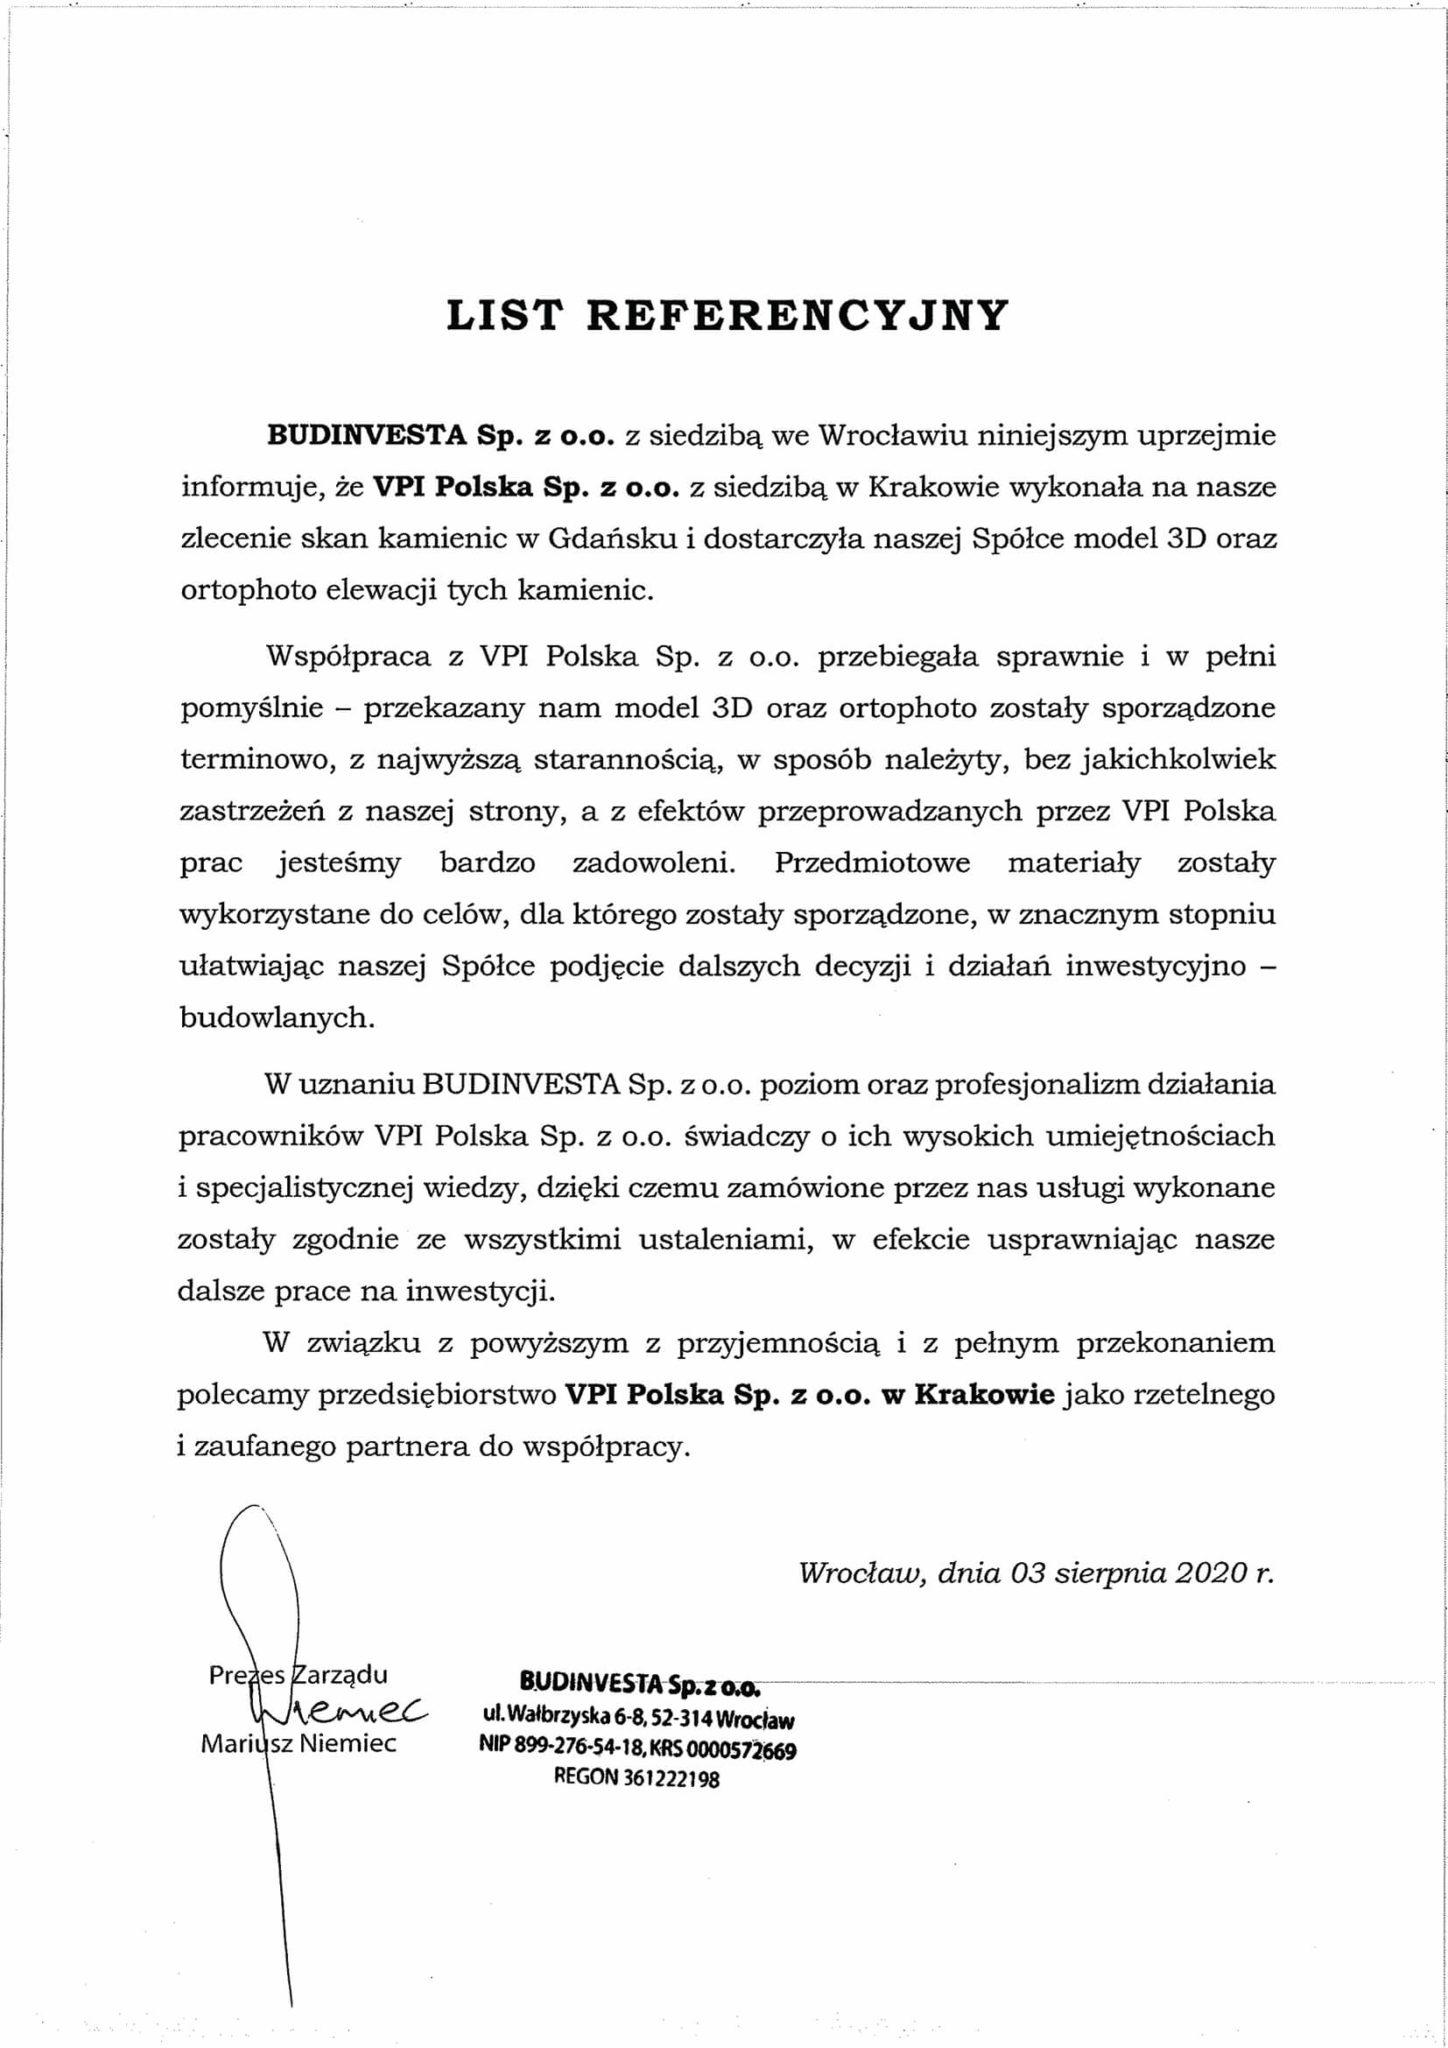 List referencyjny VPI Polska Sp. z o.o.-1 Budinvesta